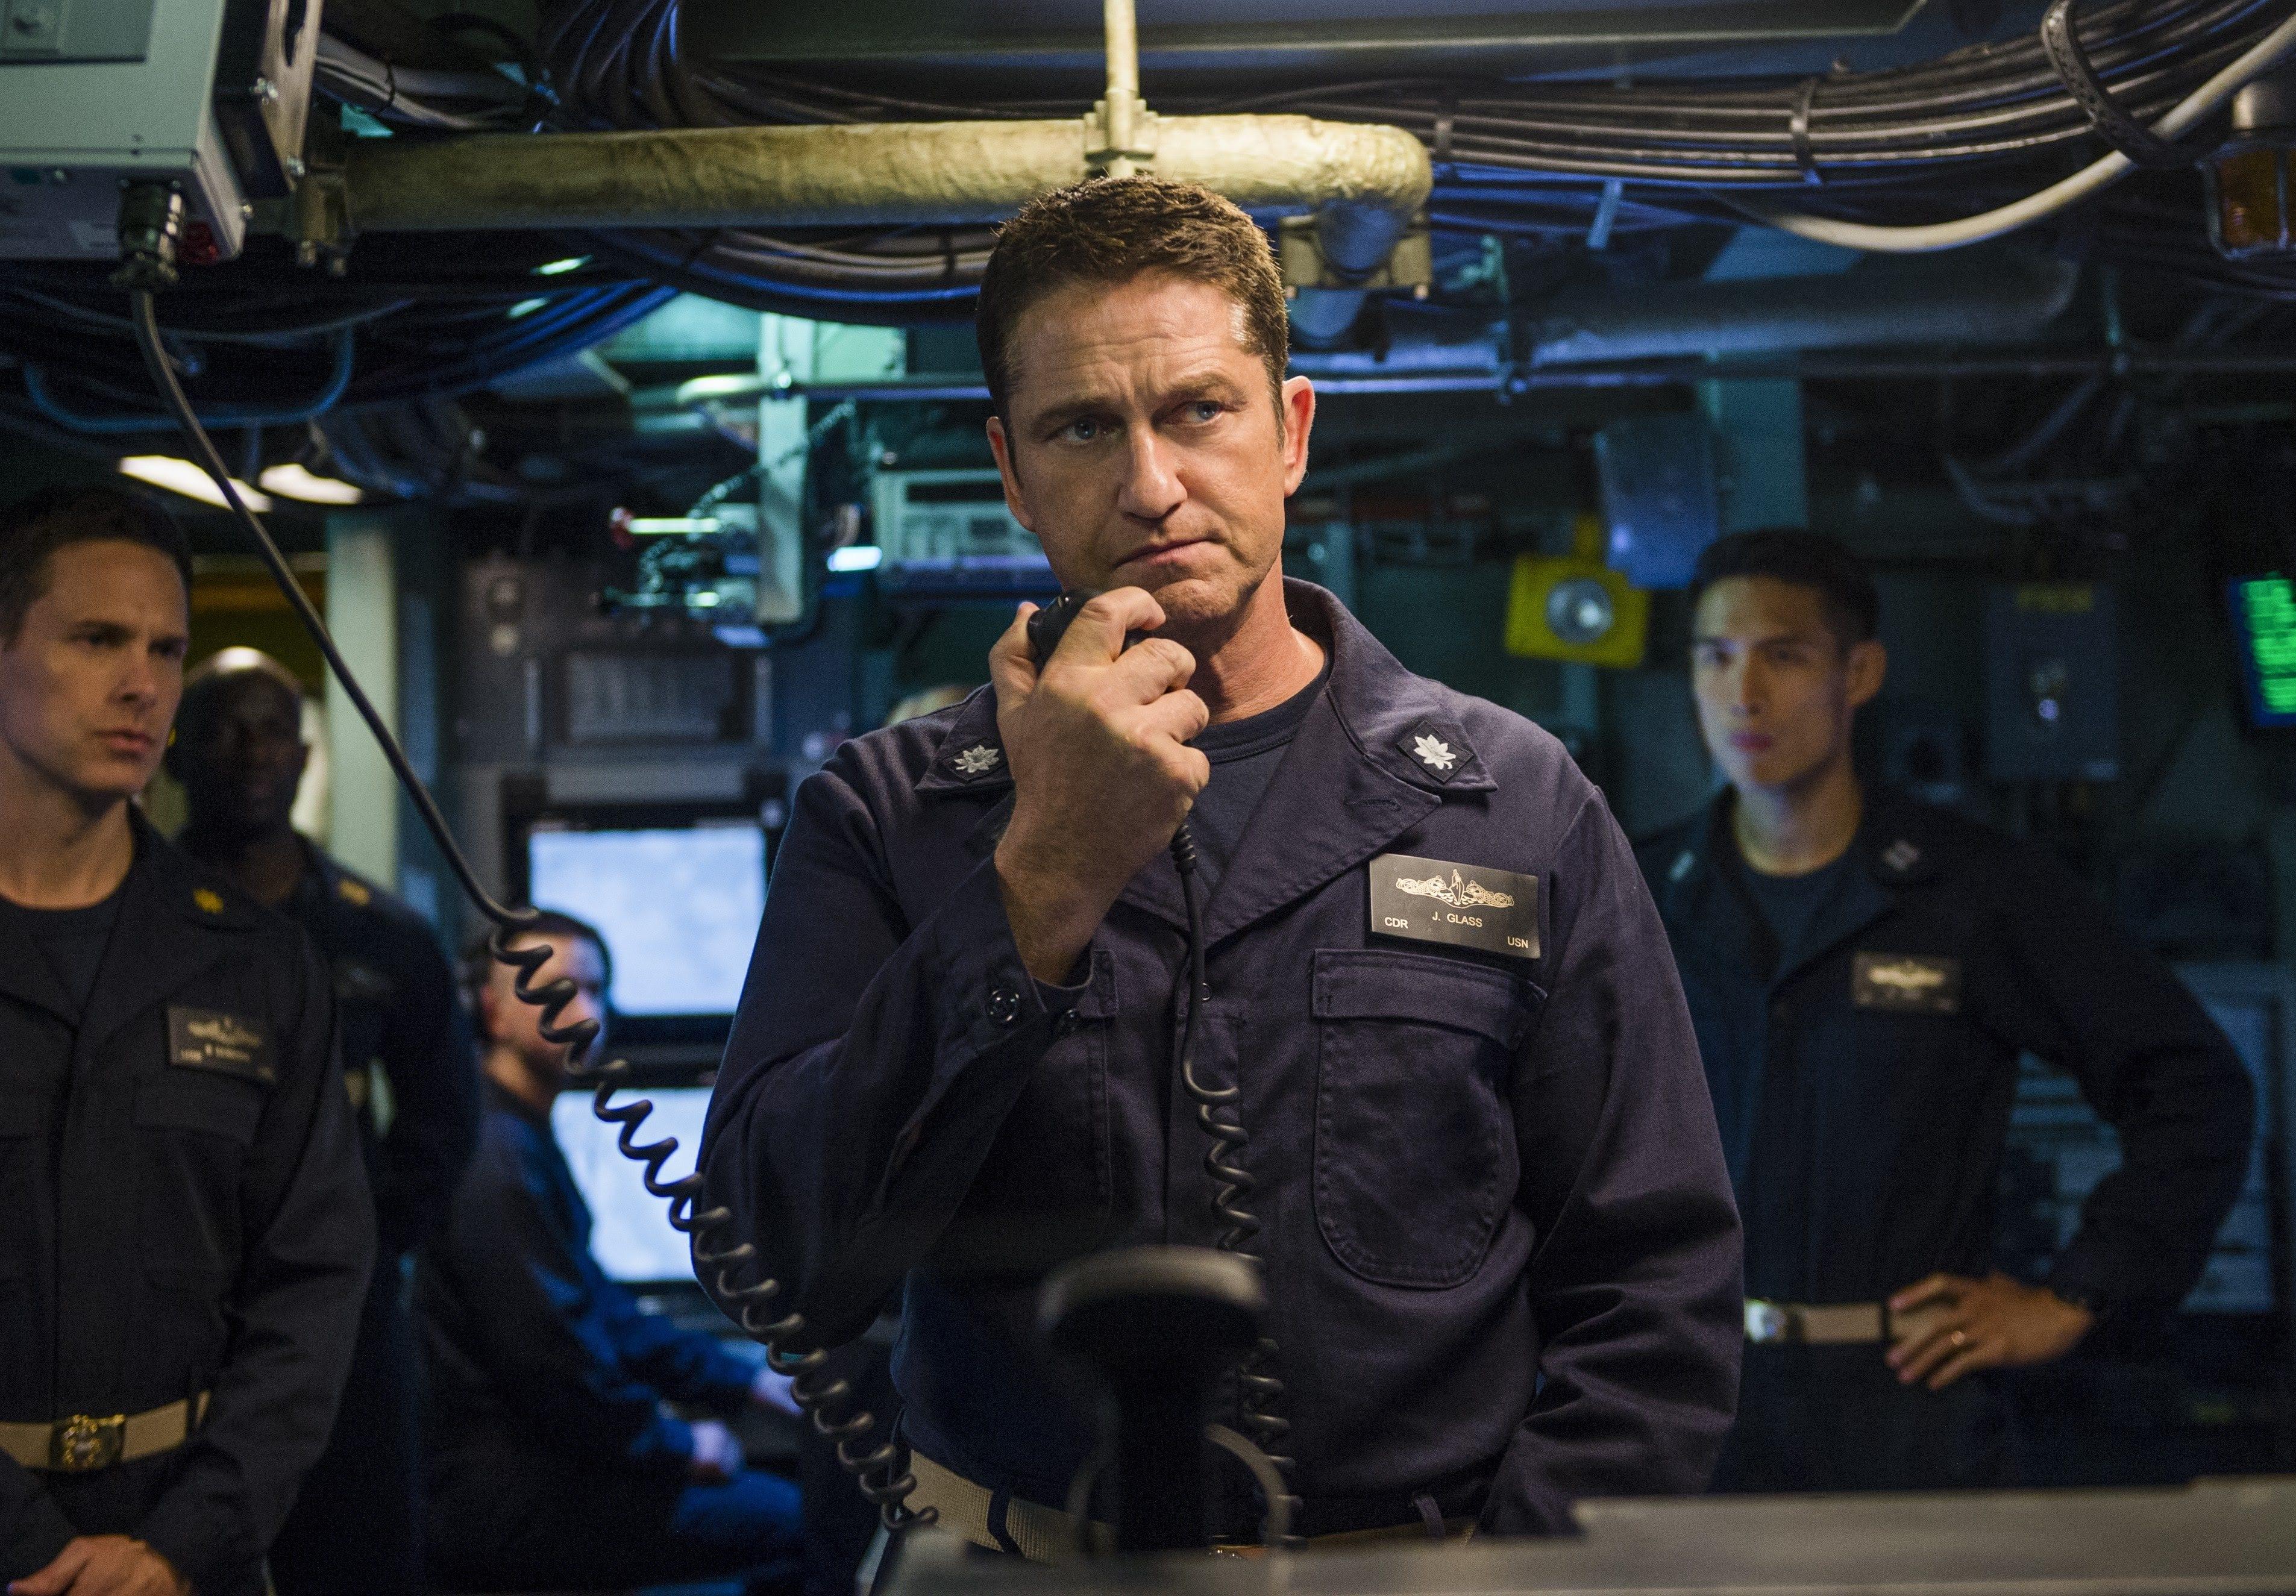 Box Office : 10月26日~28日の全米映画ボックスオフィスTOP5の第5位 - ジェラルド・バトラー艦長の潜水艦が浮上を果たせず、軍事スリラーのアクション映画「ハンター・キラー」が期待を大きく裏切った沈没の初登場第5位 ! !